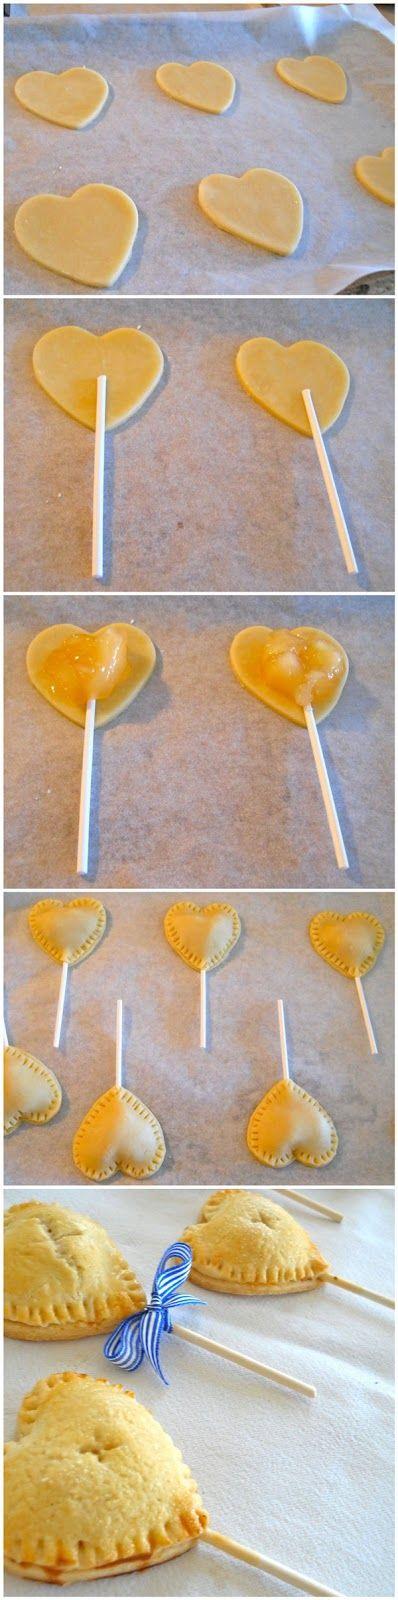 Apple Pie Pops! - kiss recipe